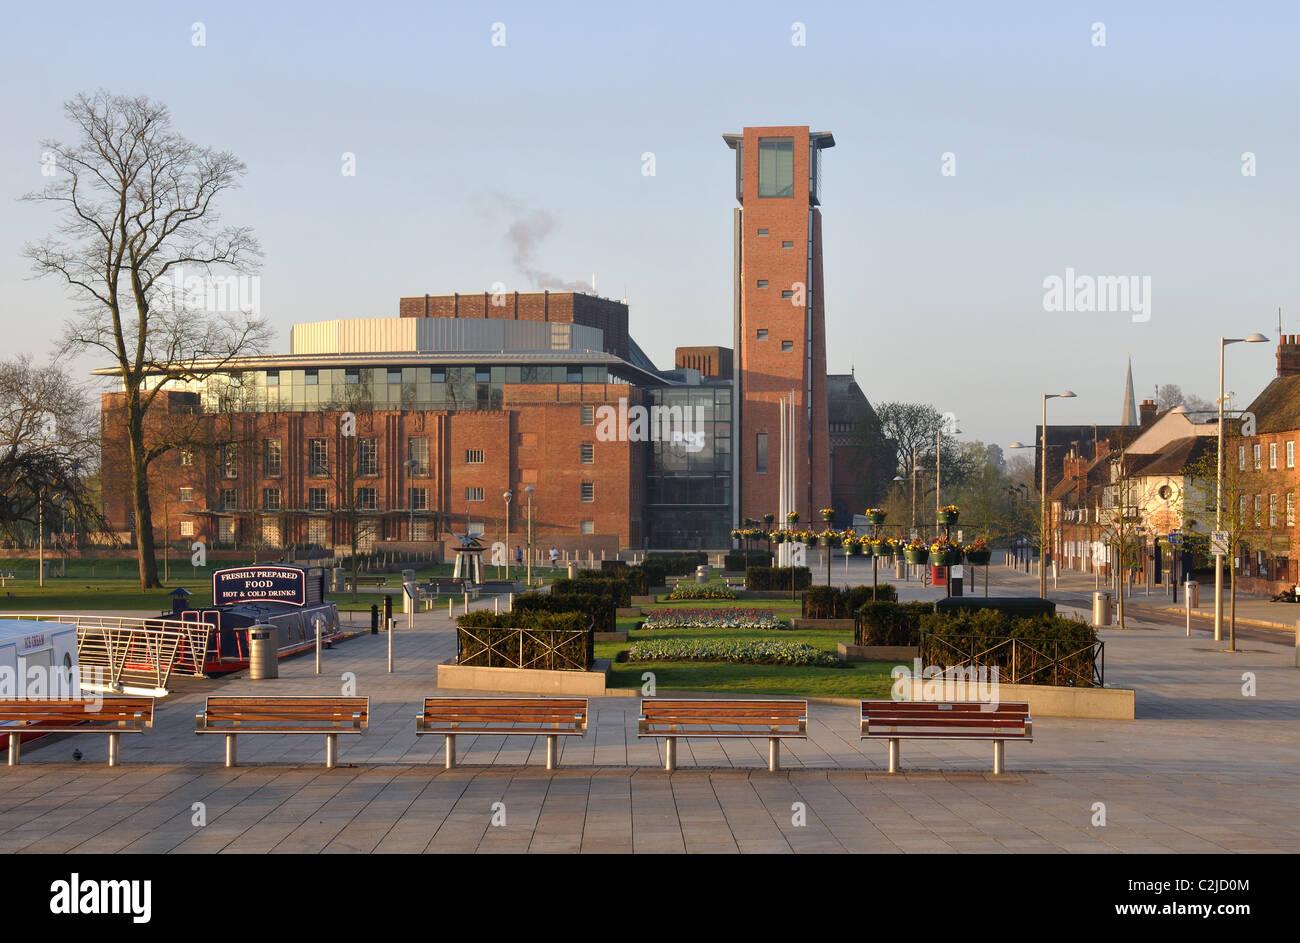 Rsc Theatre Waterside Stratford Upon Avon Stock Photos & Rsc Theatre ...